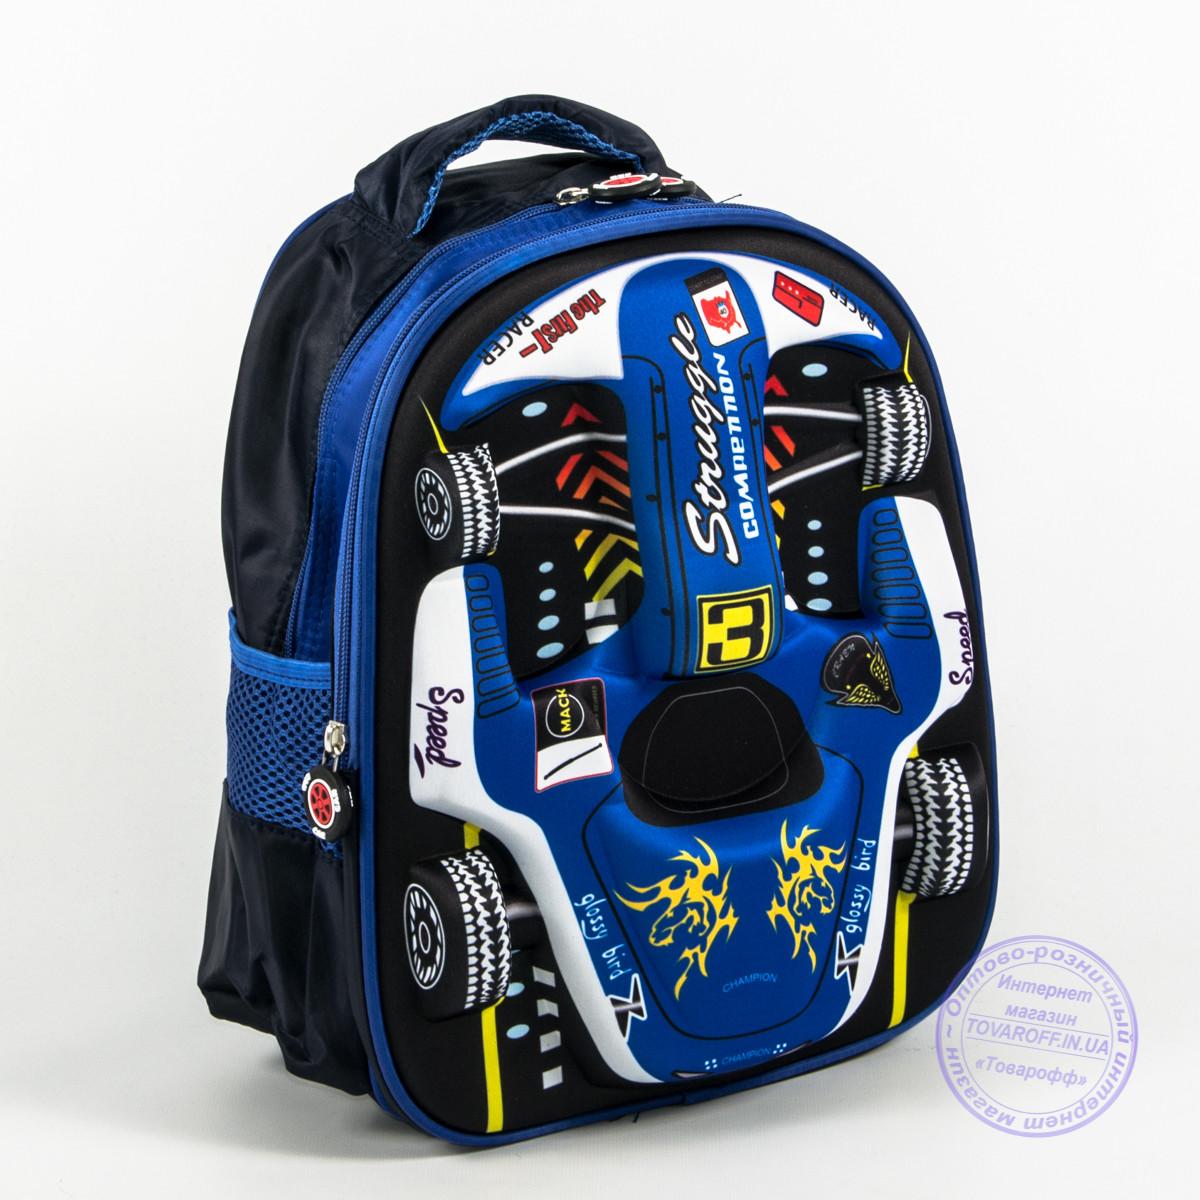 Детский рюкзак для мальчика 3Д машинка - синий - 128